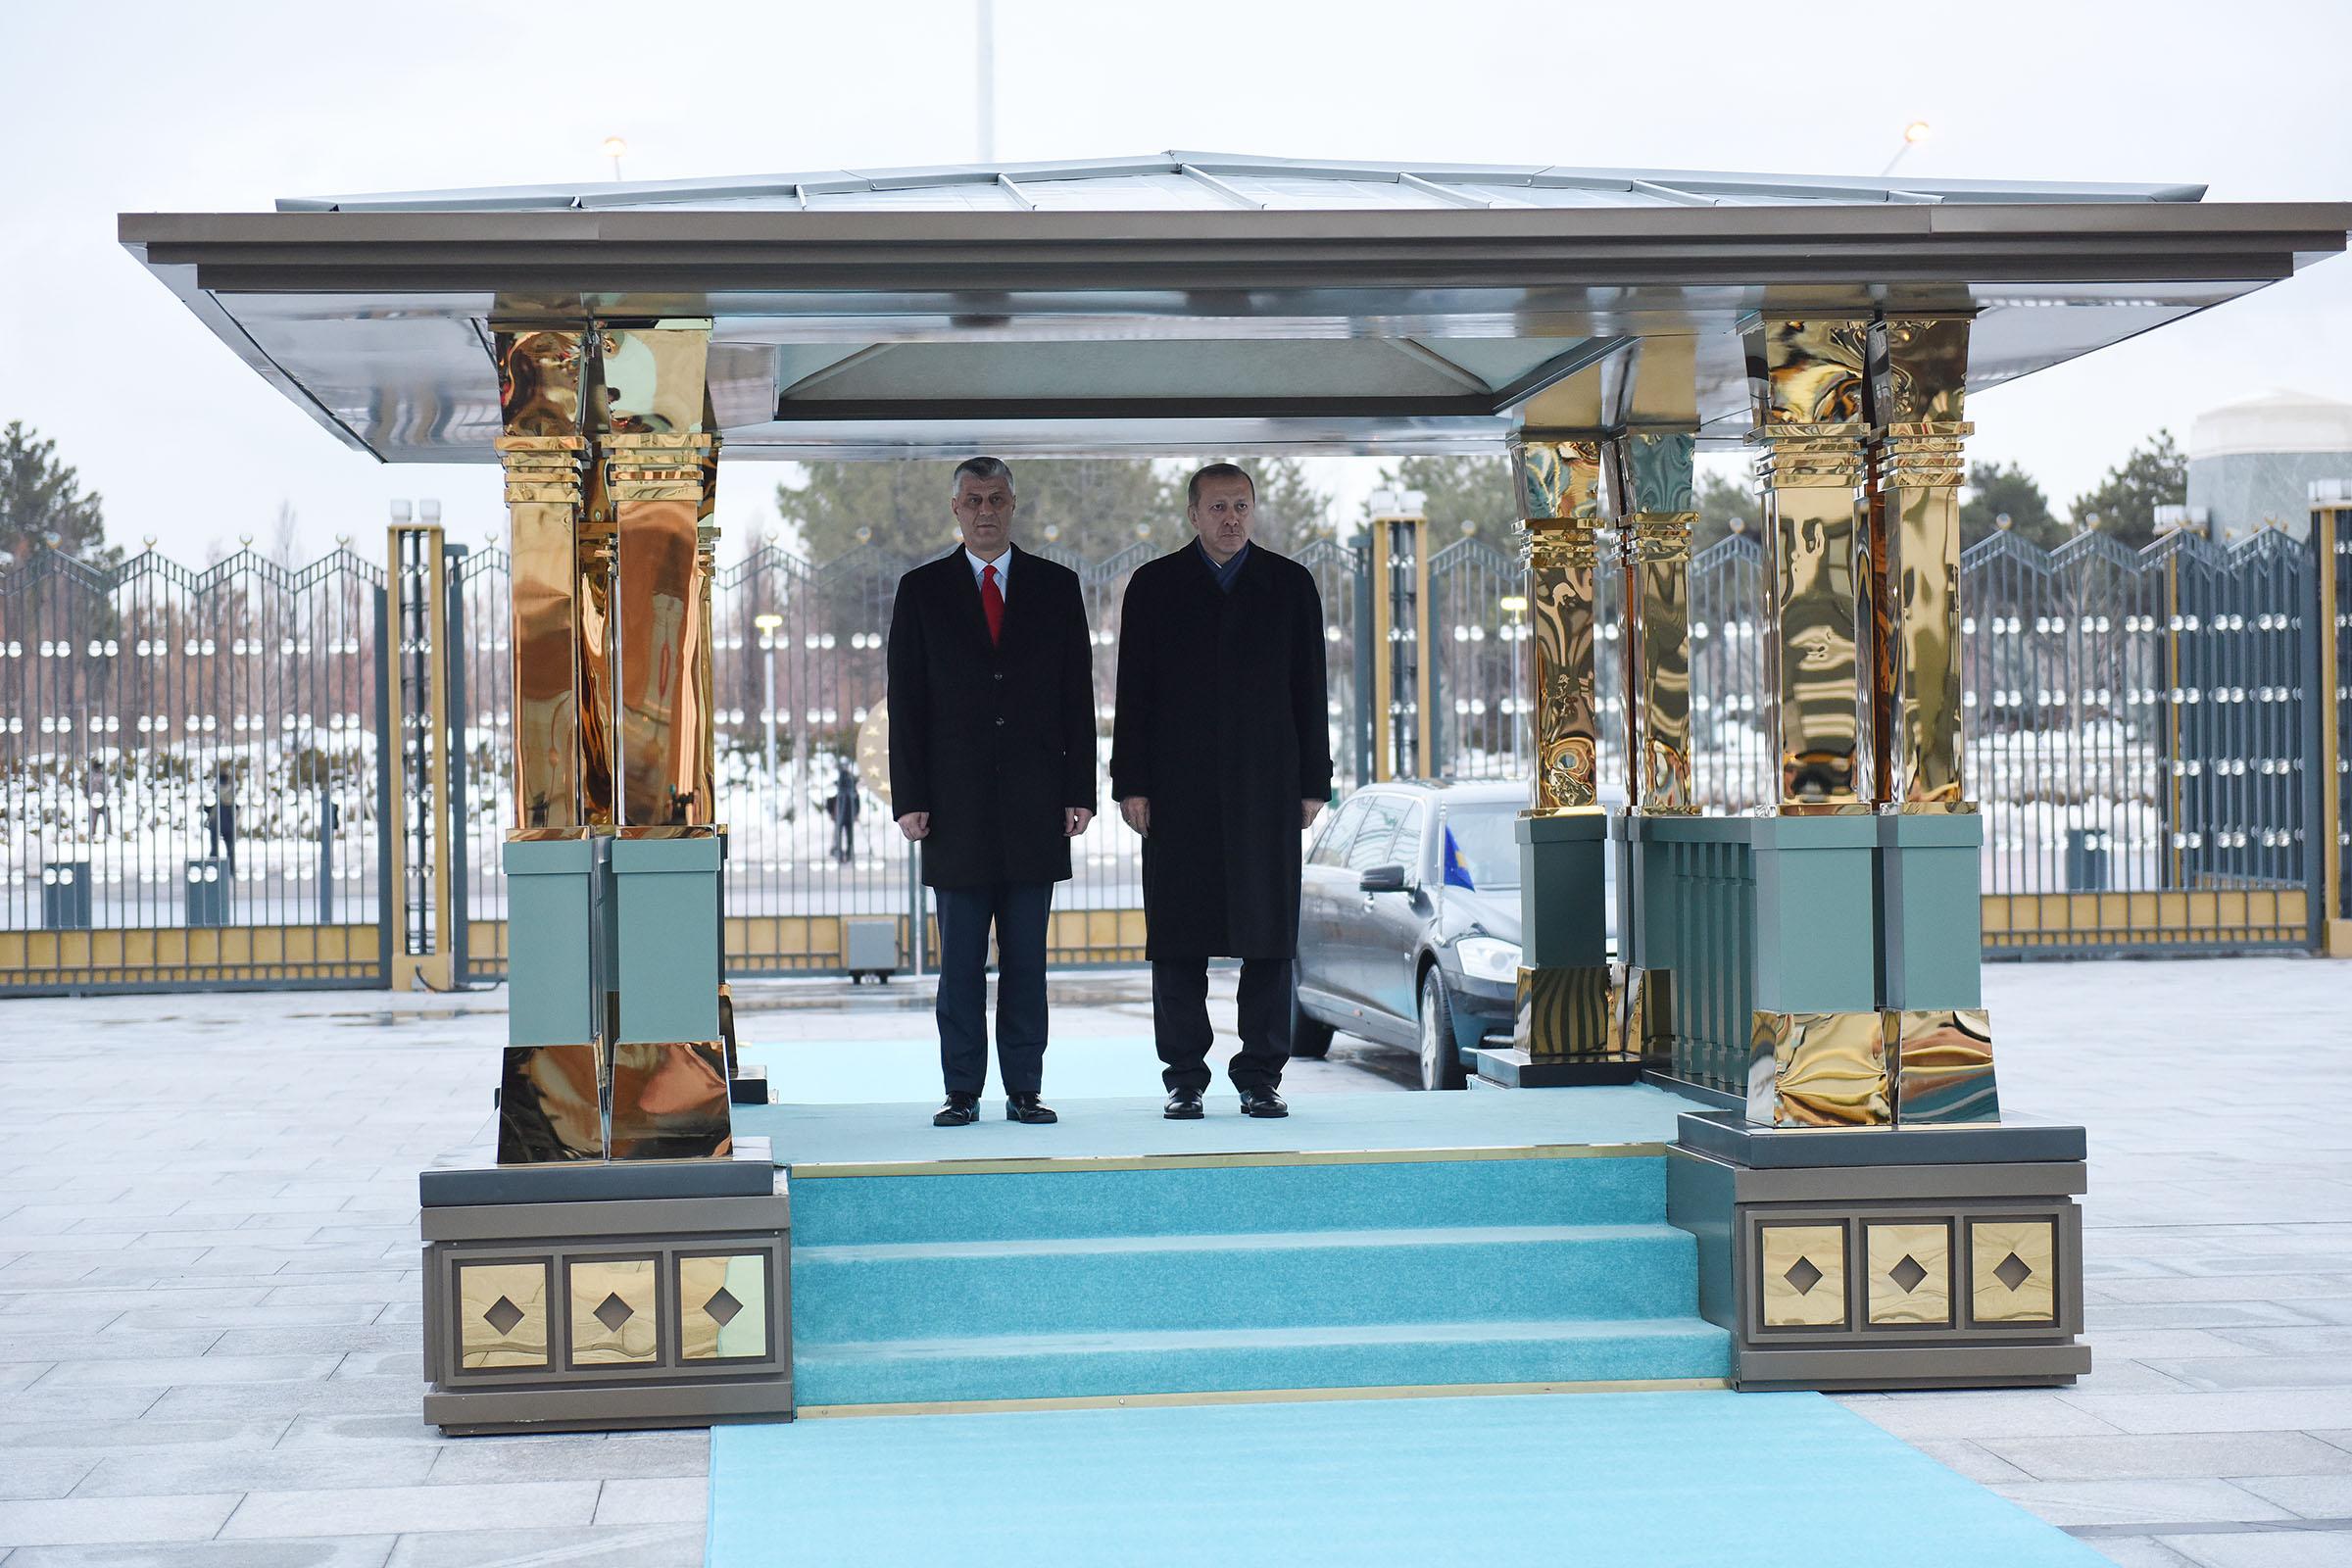 Presidenti Thaçi: Mirënjohje për përkrahjen e Turqisë, në kohë të vështira dhe të mira